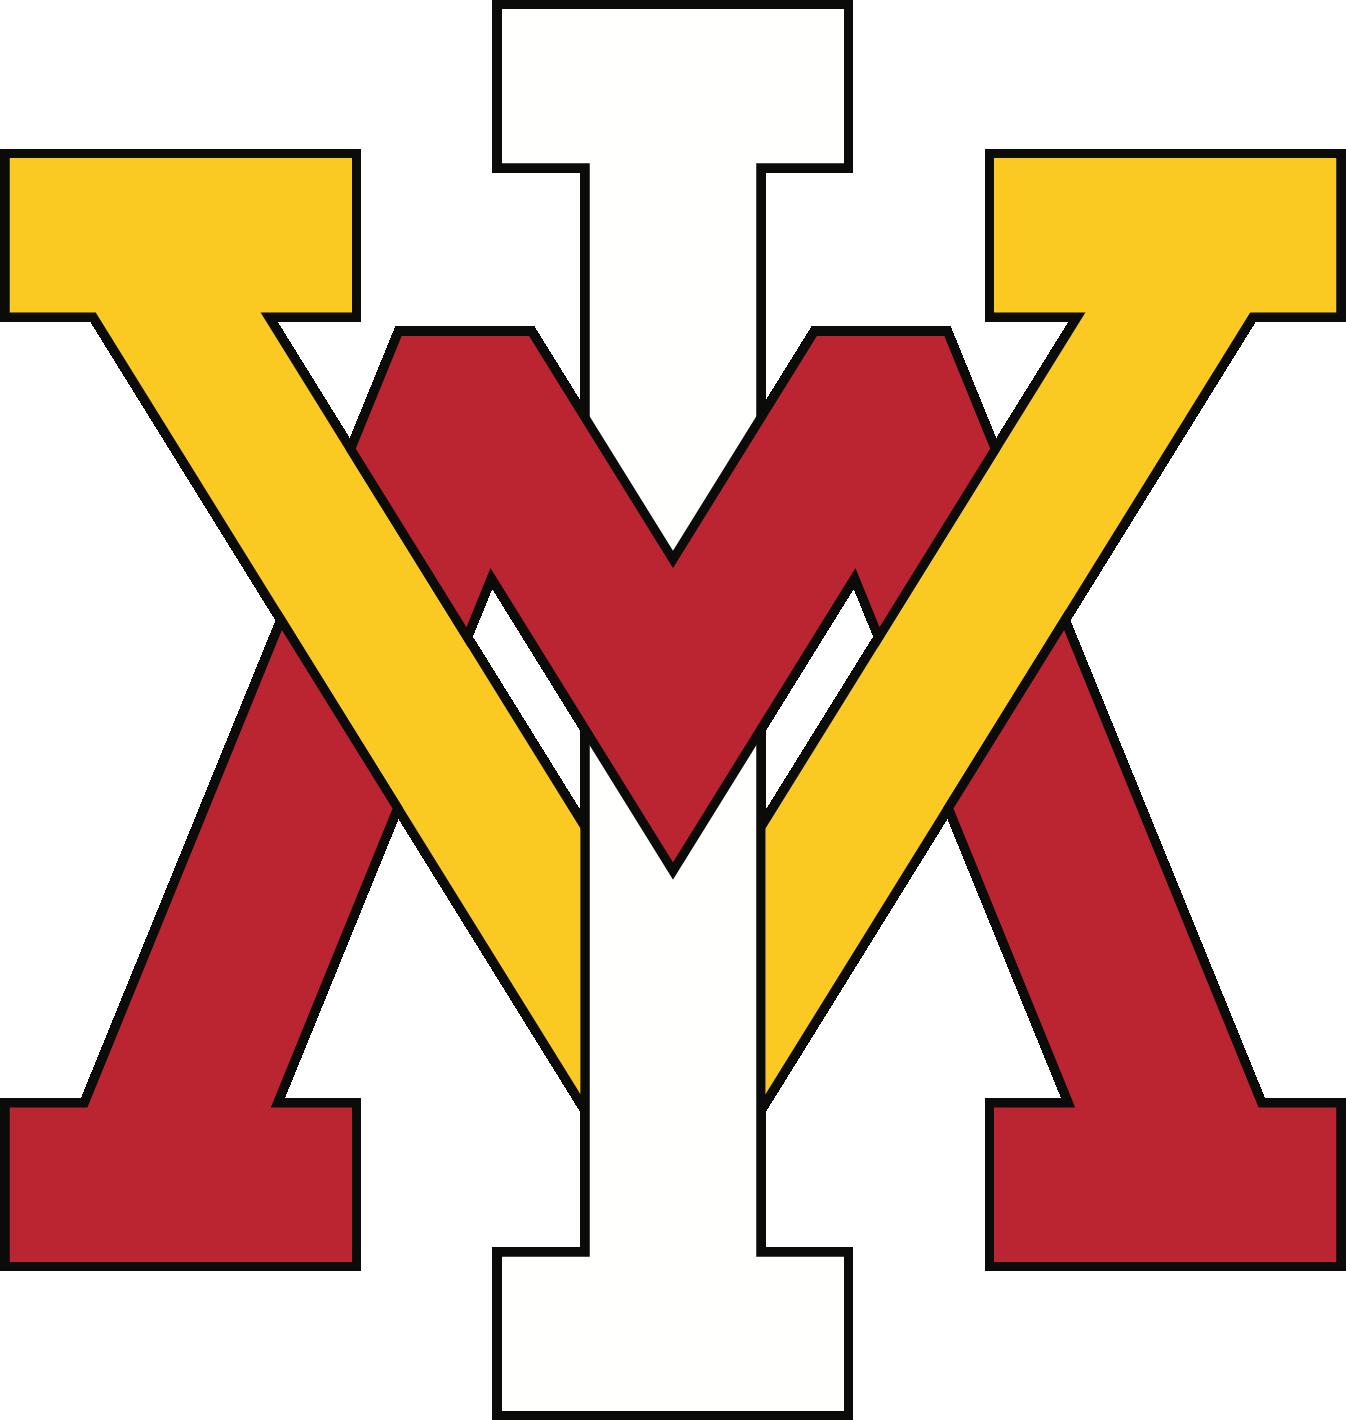 VMI Keydets Logo png